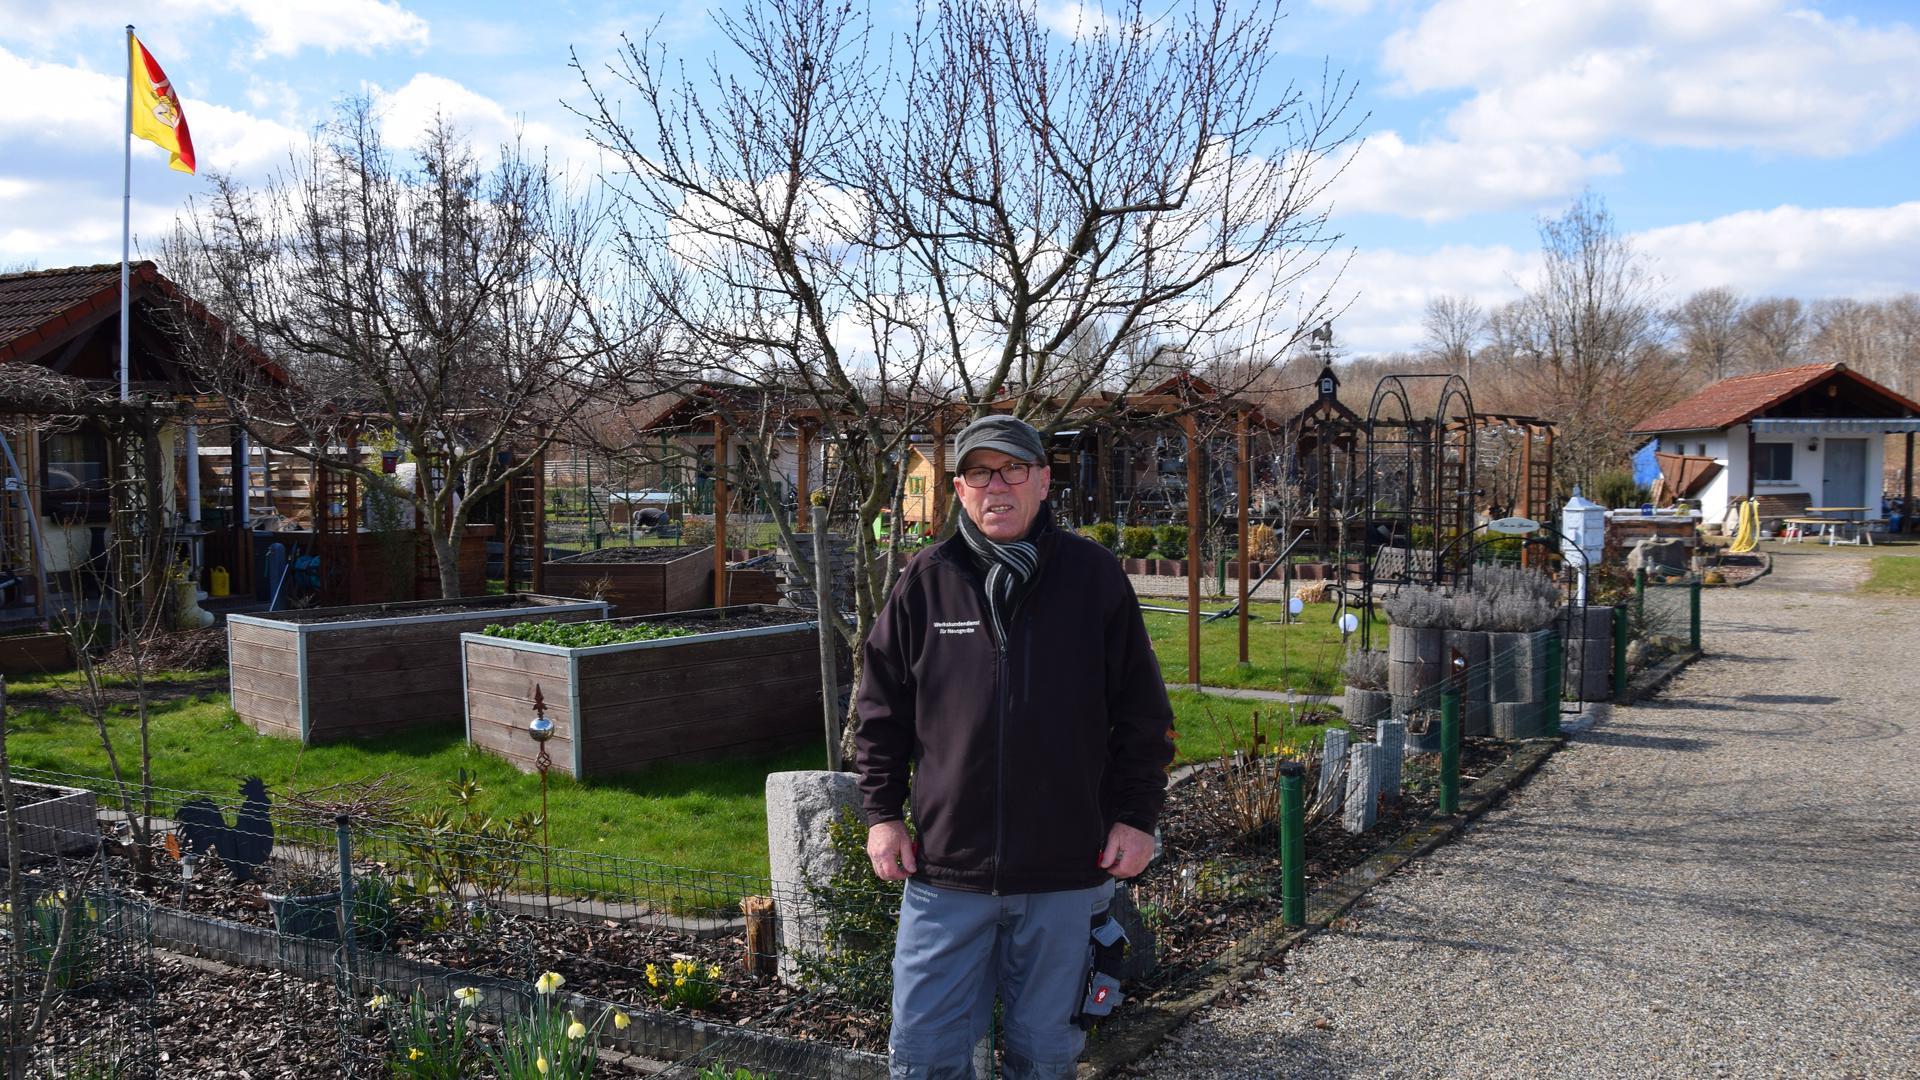 Ein Mann in einer Kleingartenanlage